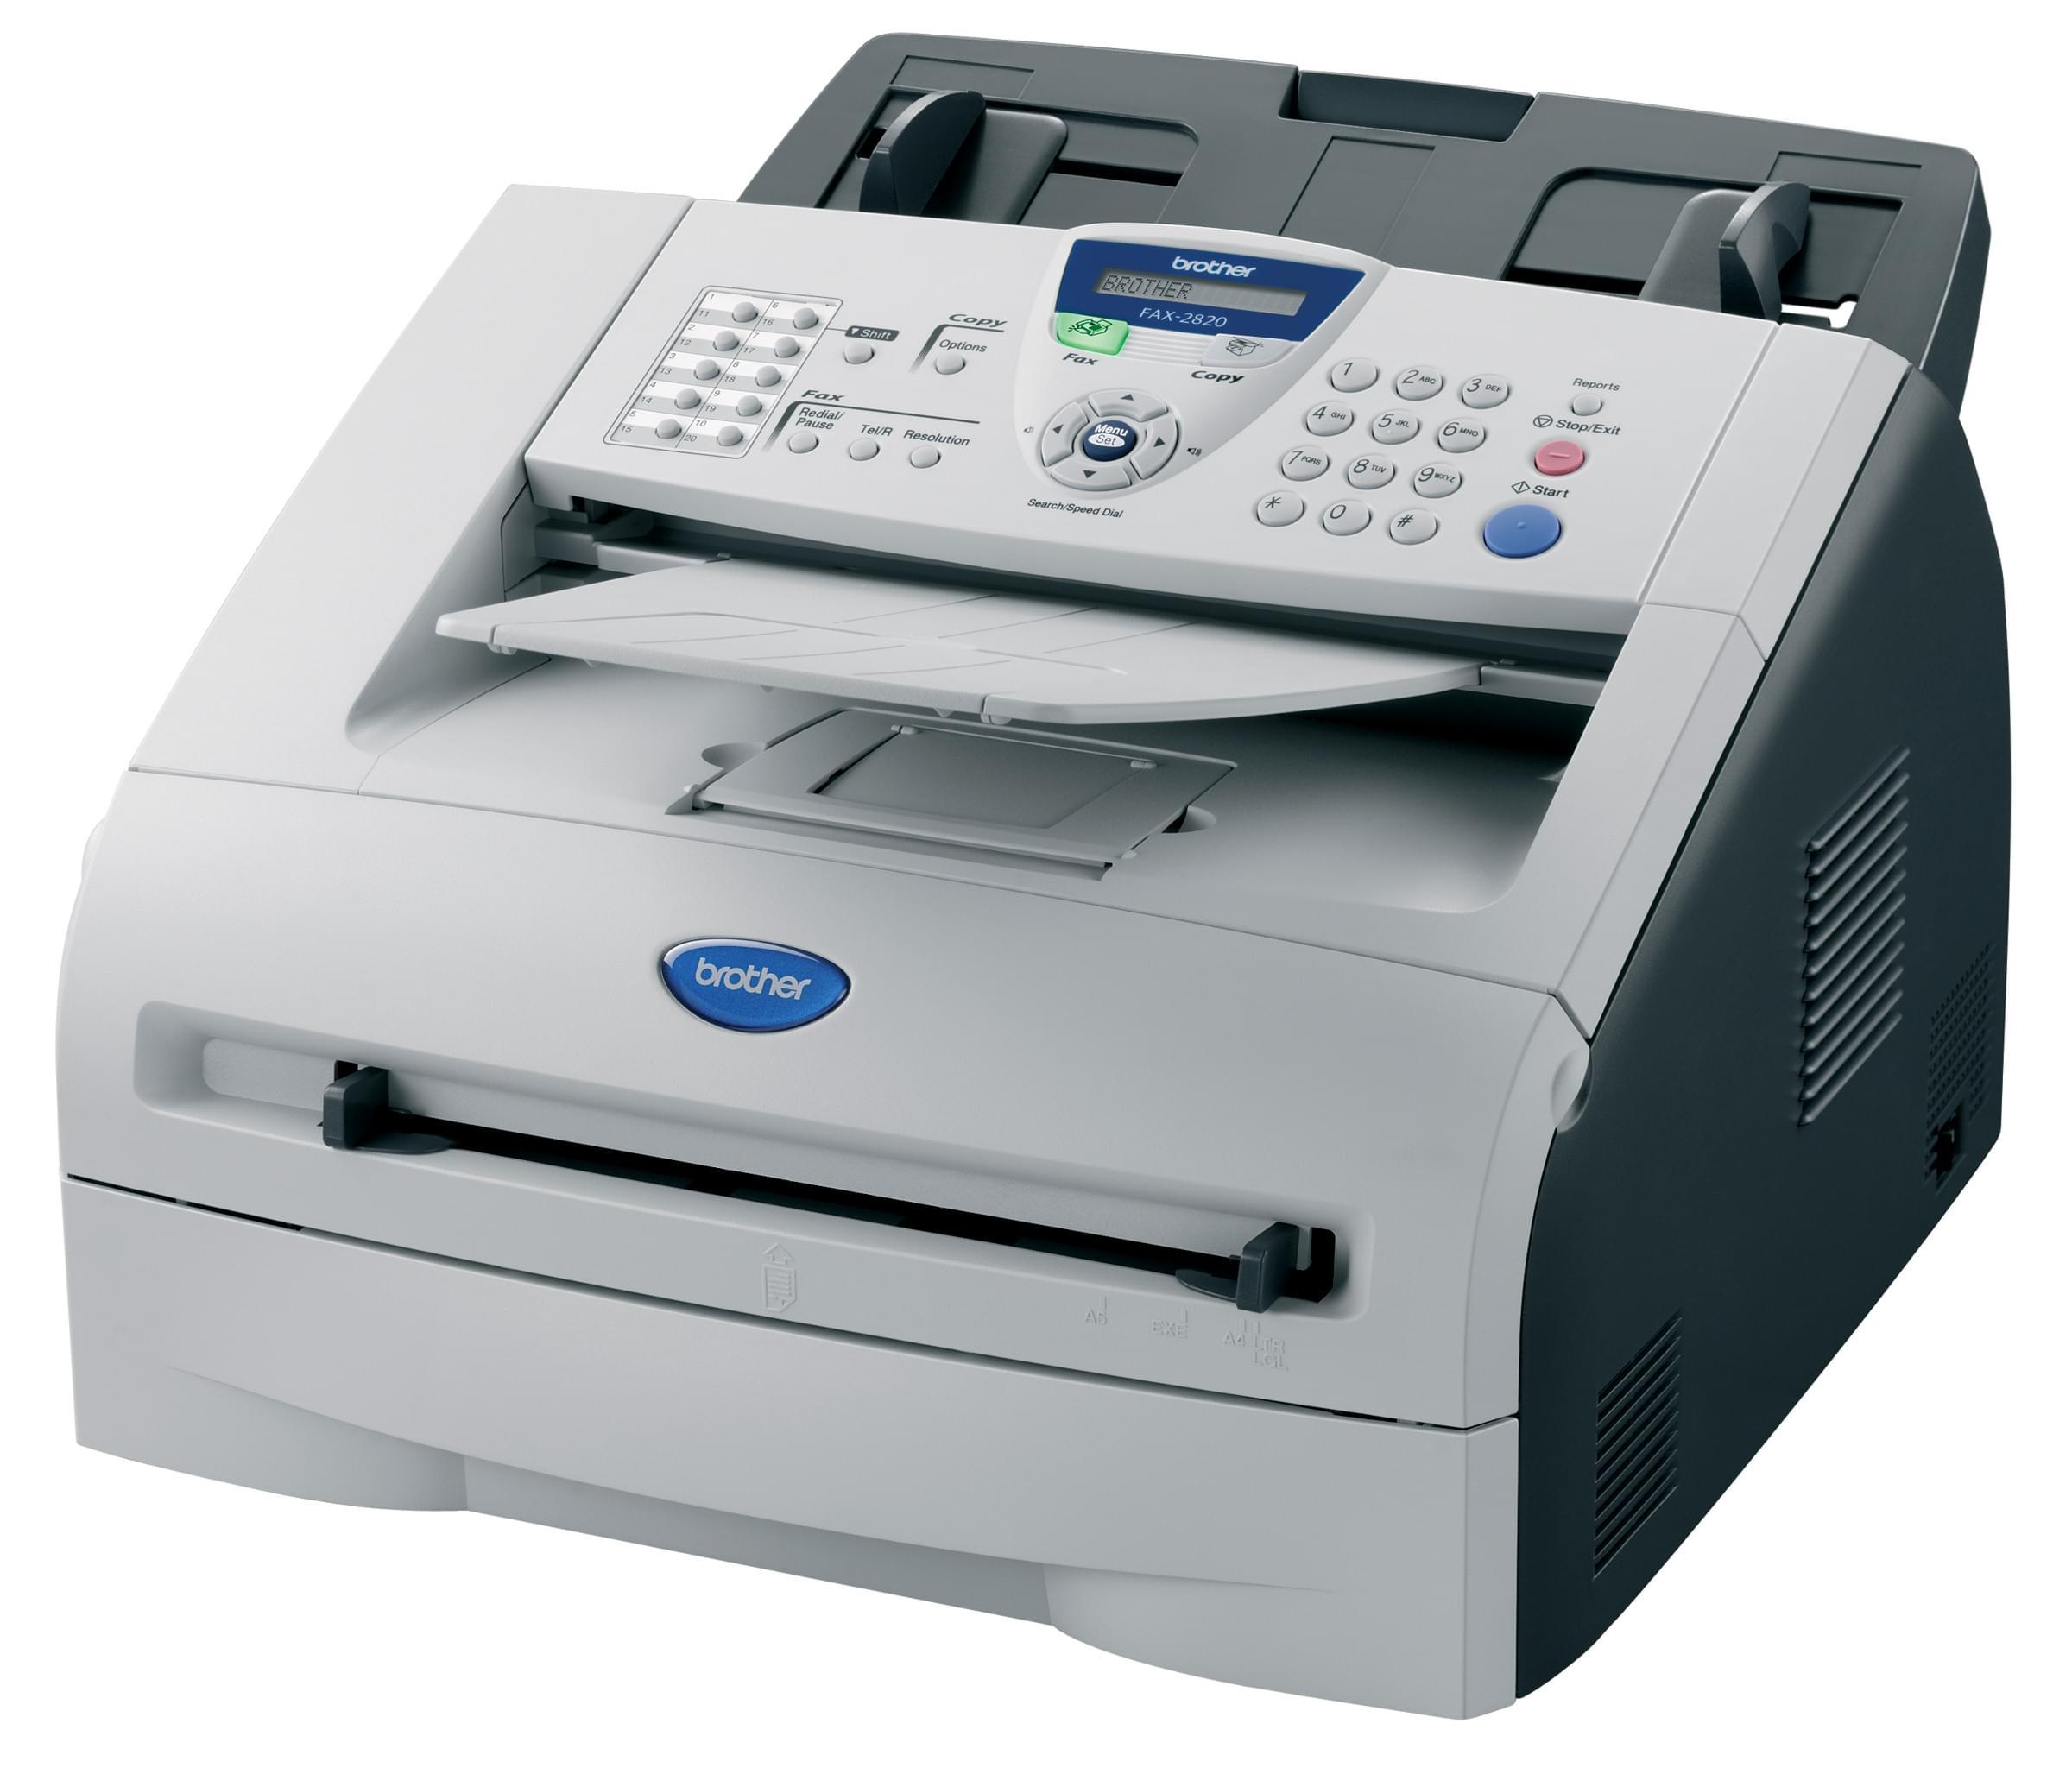 Imprimante Brother FAX 2820 - Cybertek.fr - 0